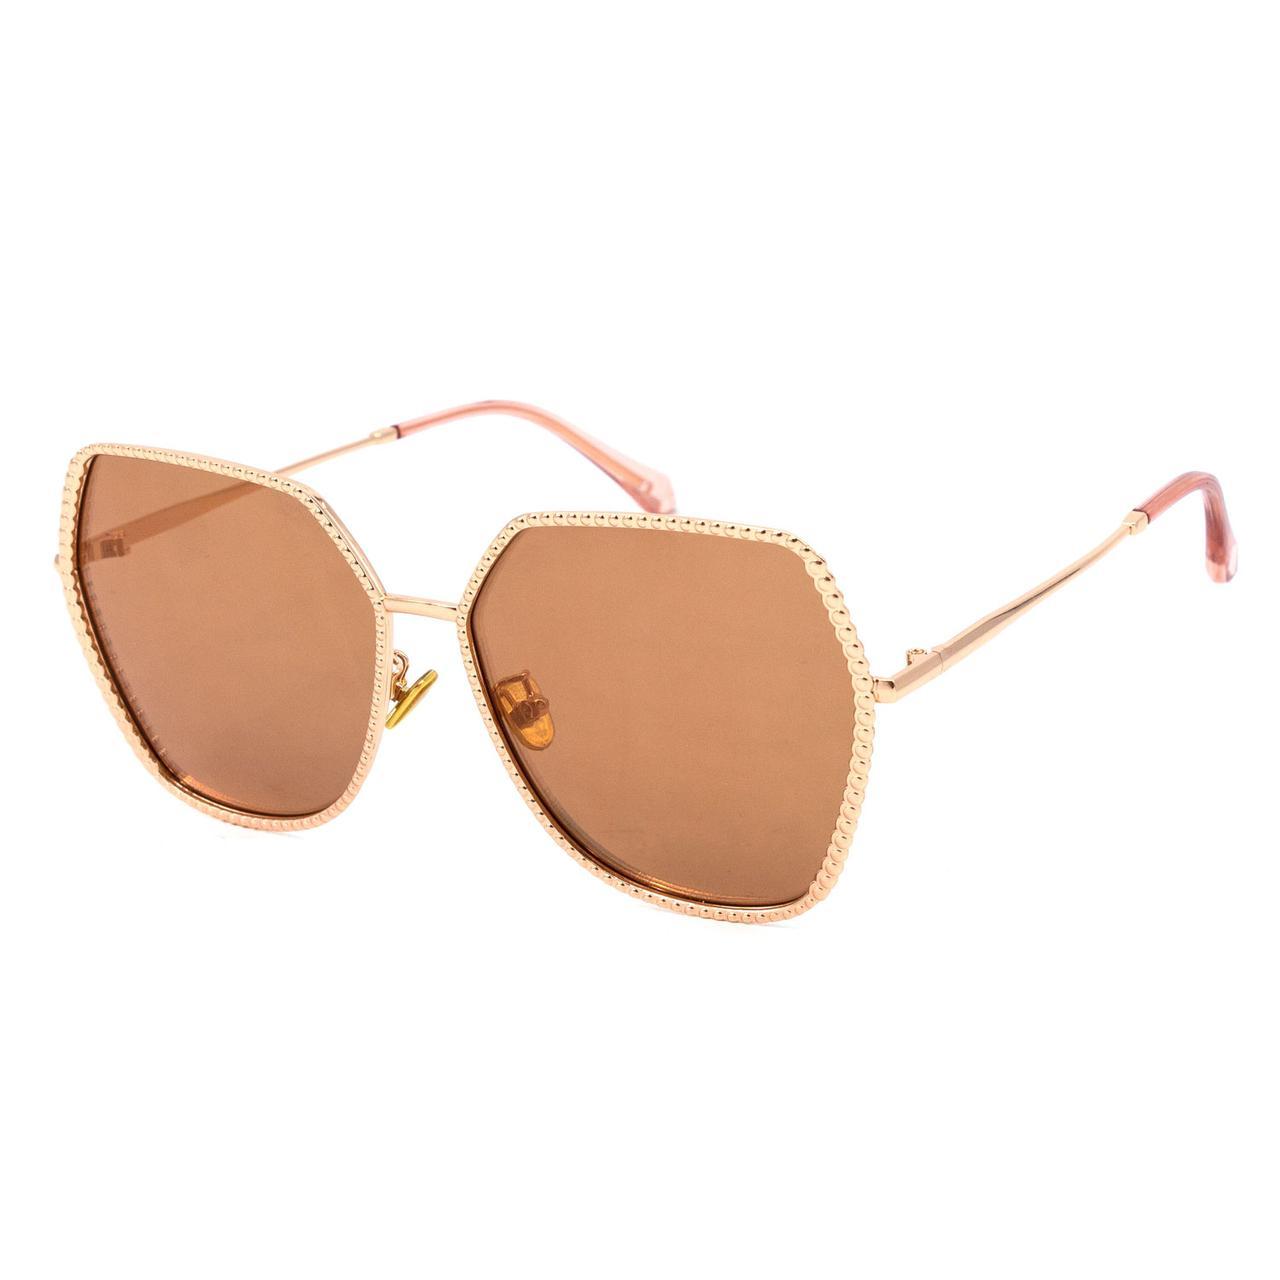 Солнцезащитные очки Marmilen Polar 8921 C5 розовые    ( RO8921-05 )